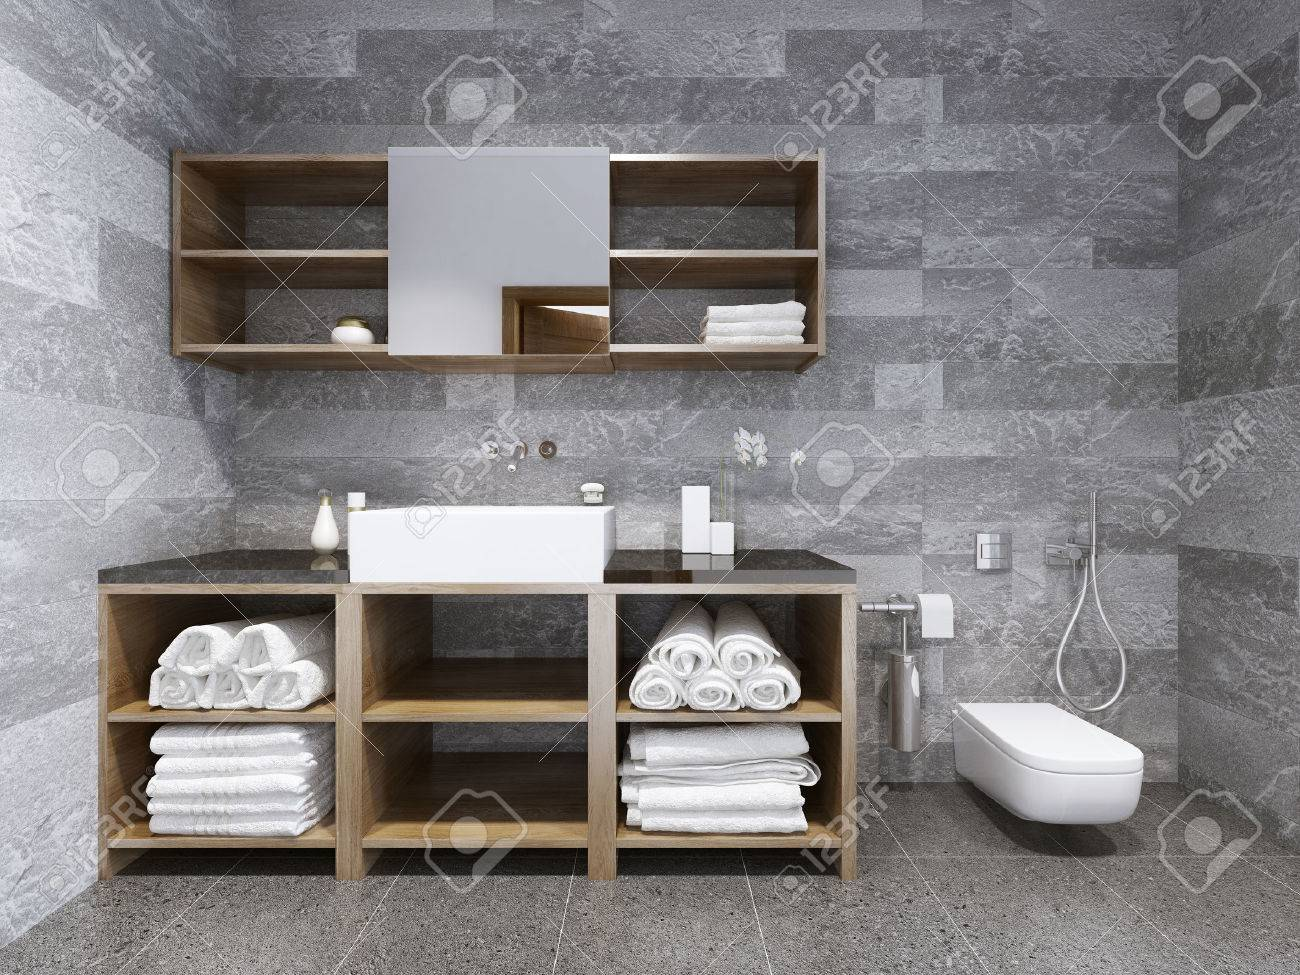 bad zeitgenössischen stil. modische badezimmer: aktuelle trends, Hause ideen